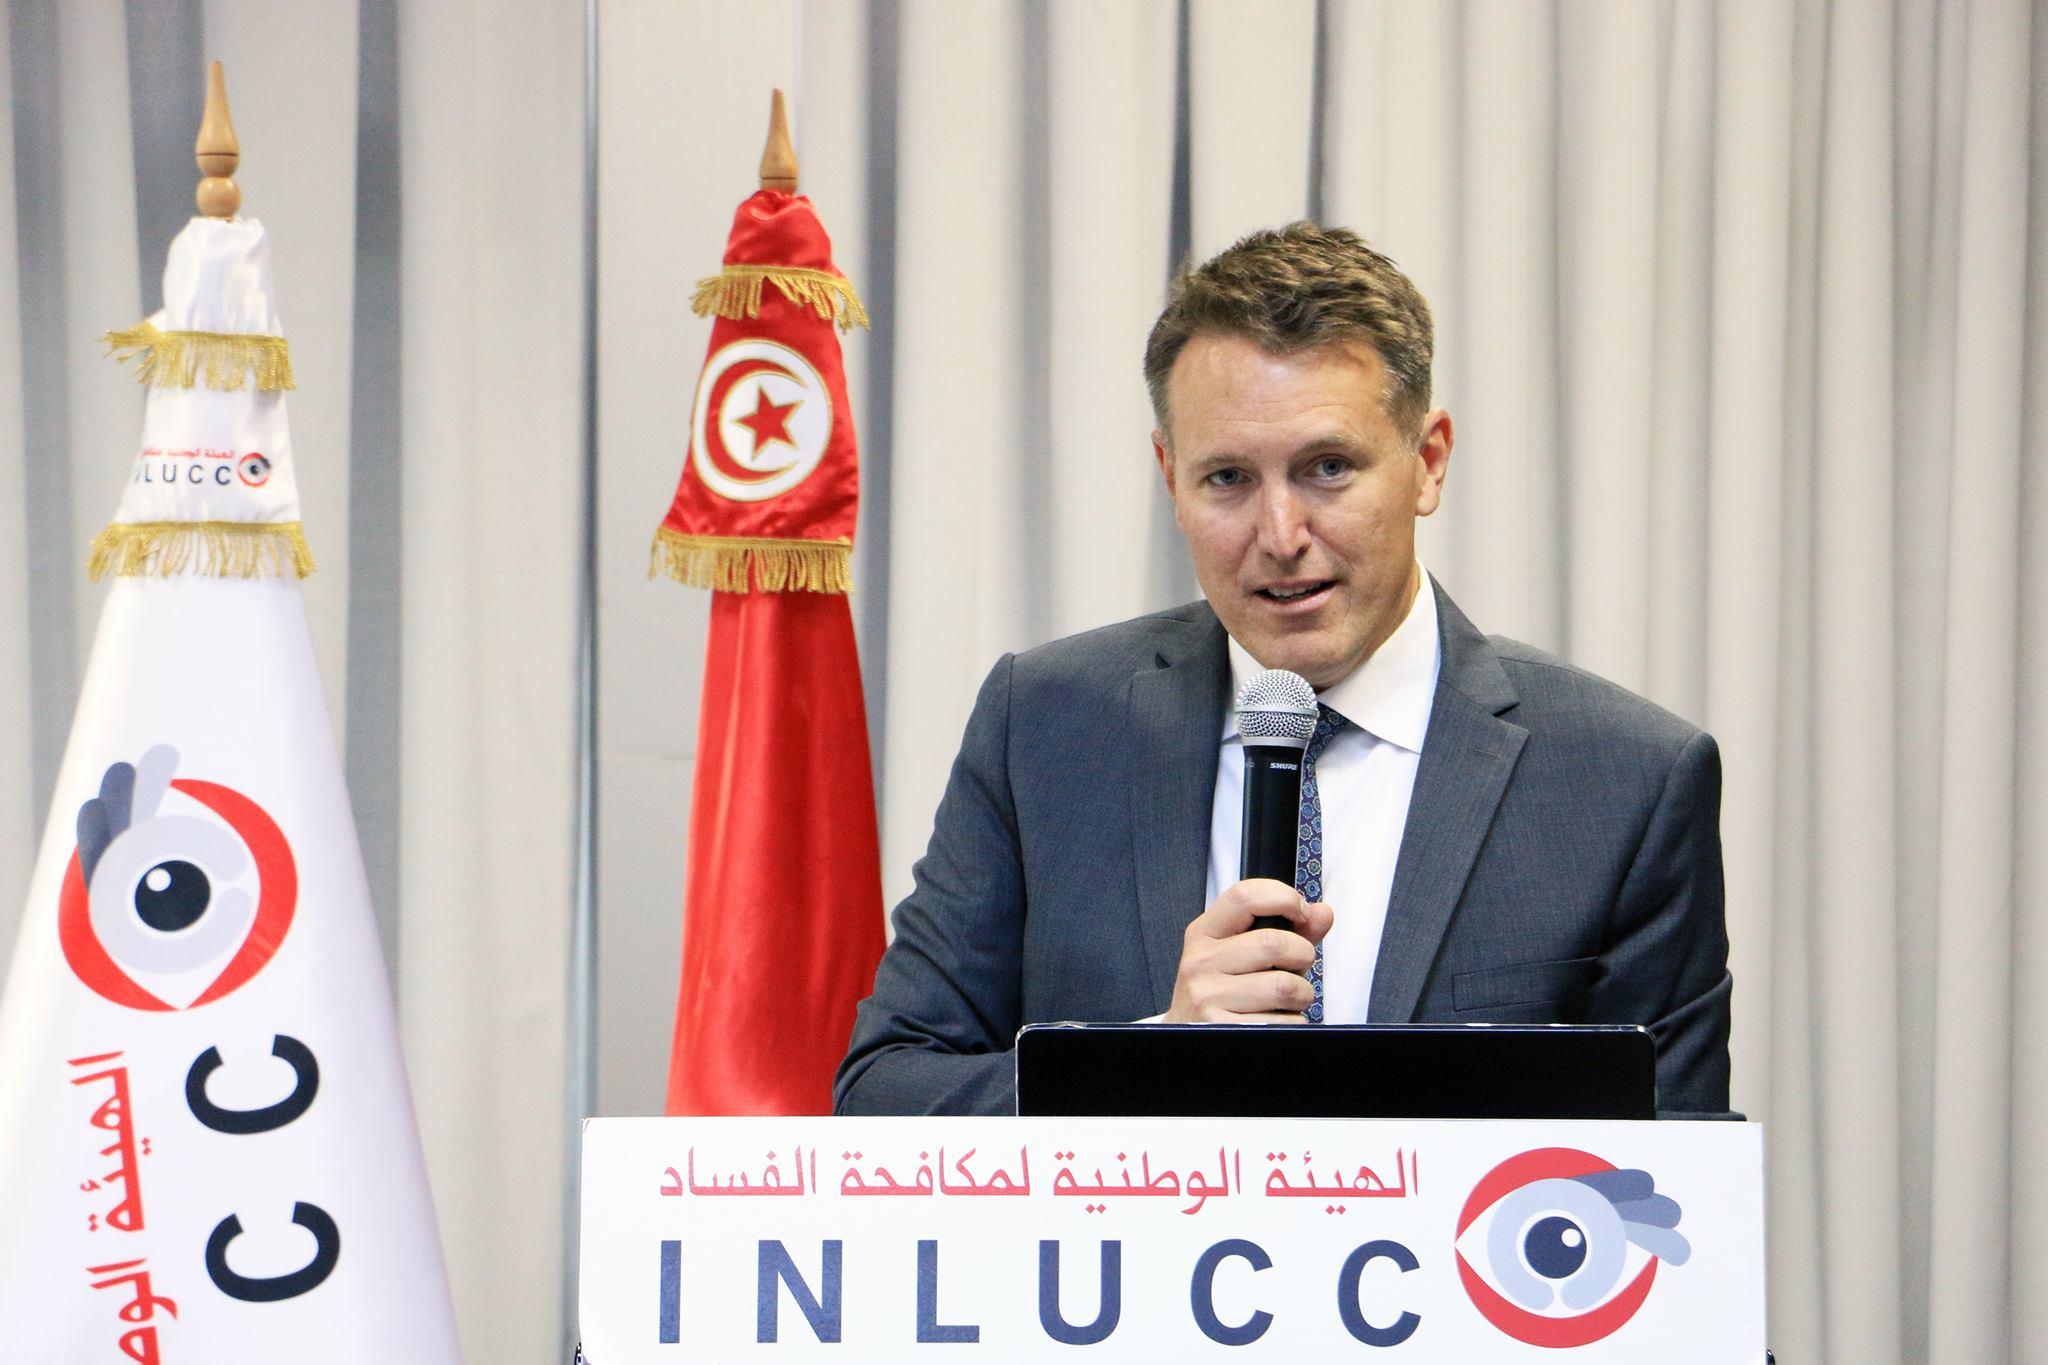 سفير السويد بتونس: حرية الصحافة والتعبير مكسب وجب الدفاع عنه